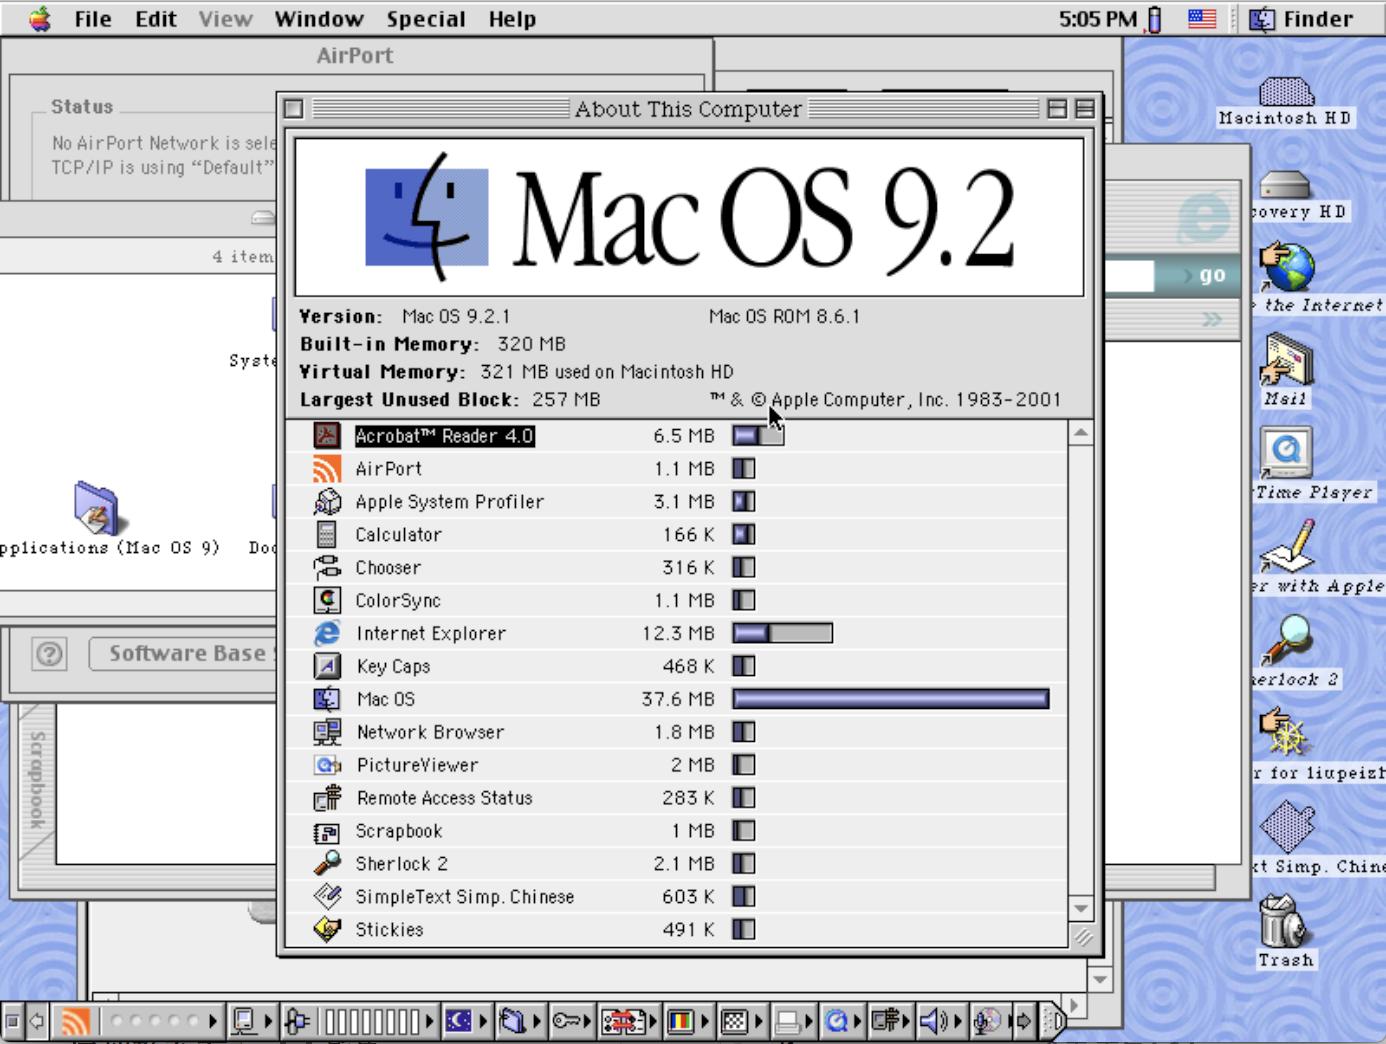 Mac OS 9详细体验报告:iBook G3与Mac OS 9的一段日常使用